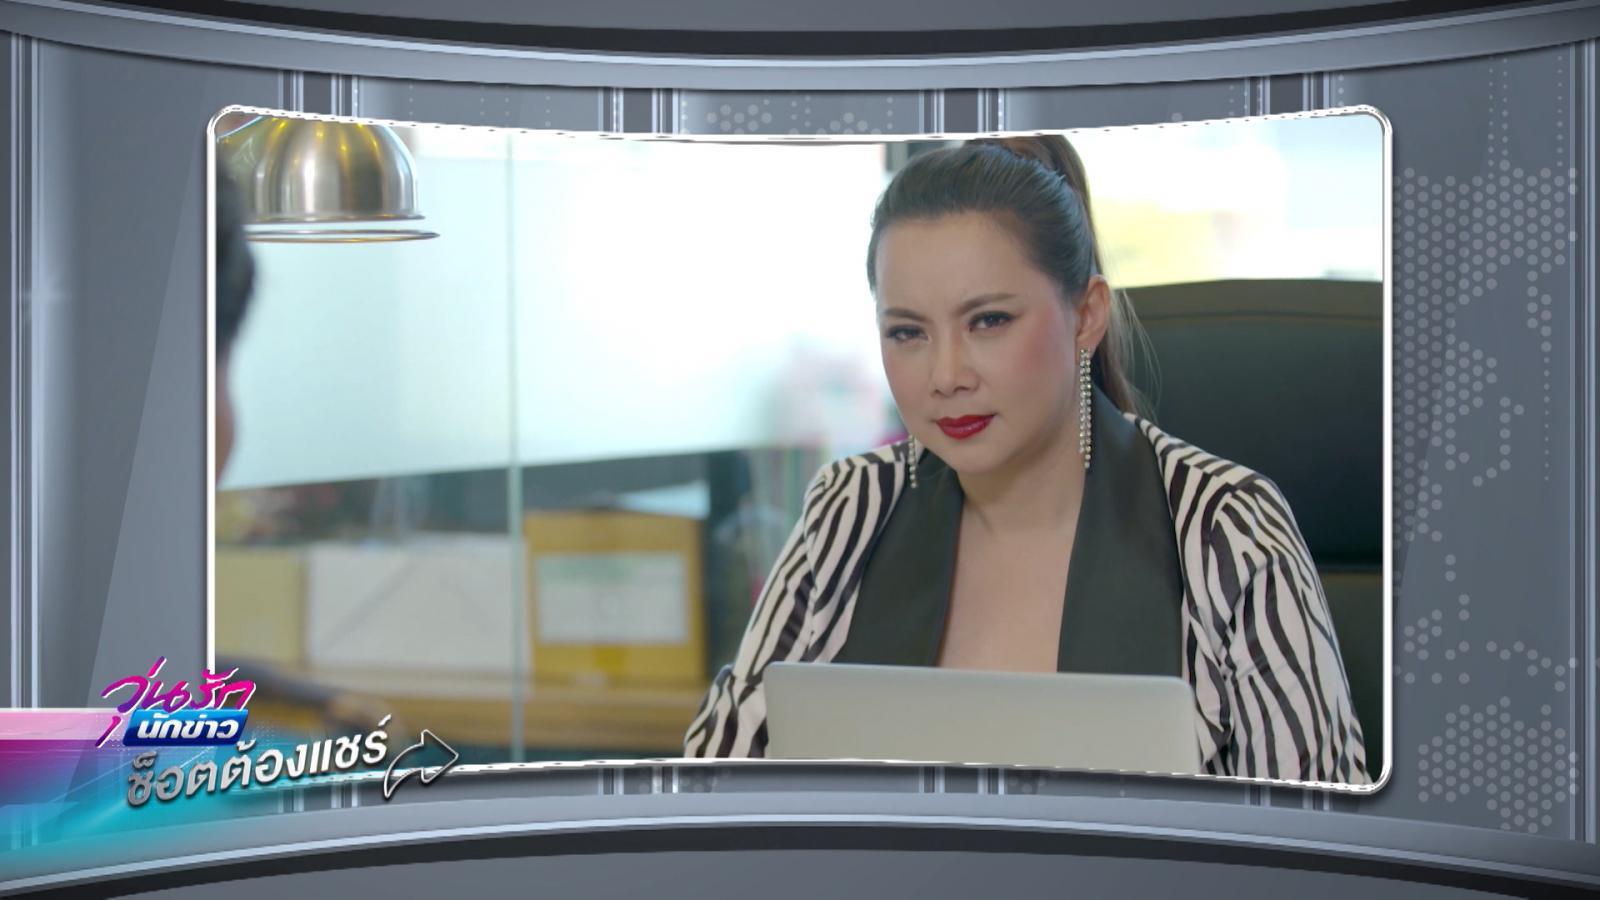 วุ่นรักนักข่าว EP.20 | ฟินสุด | ช็อตต้องแชร์ | PPTV HD 36